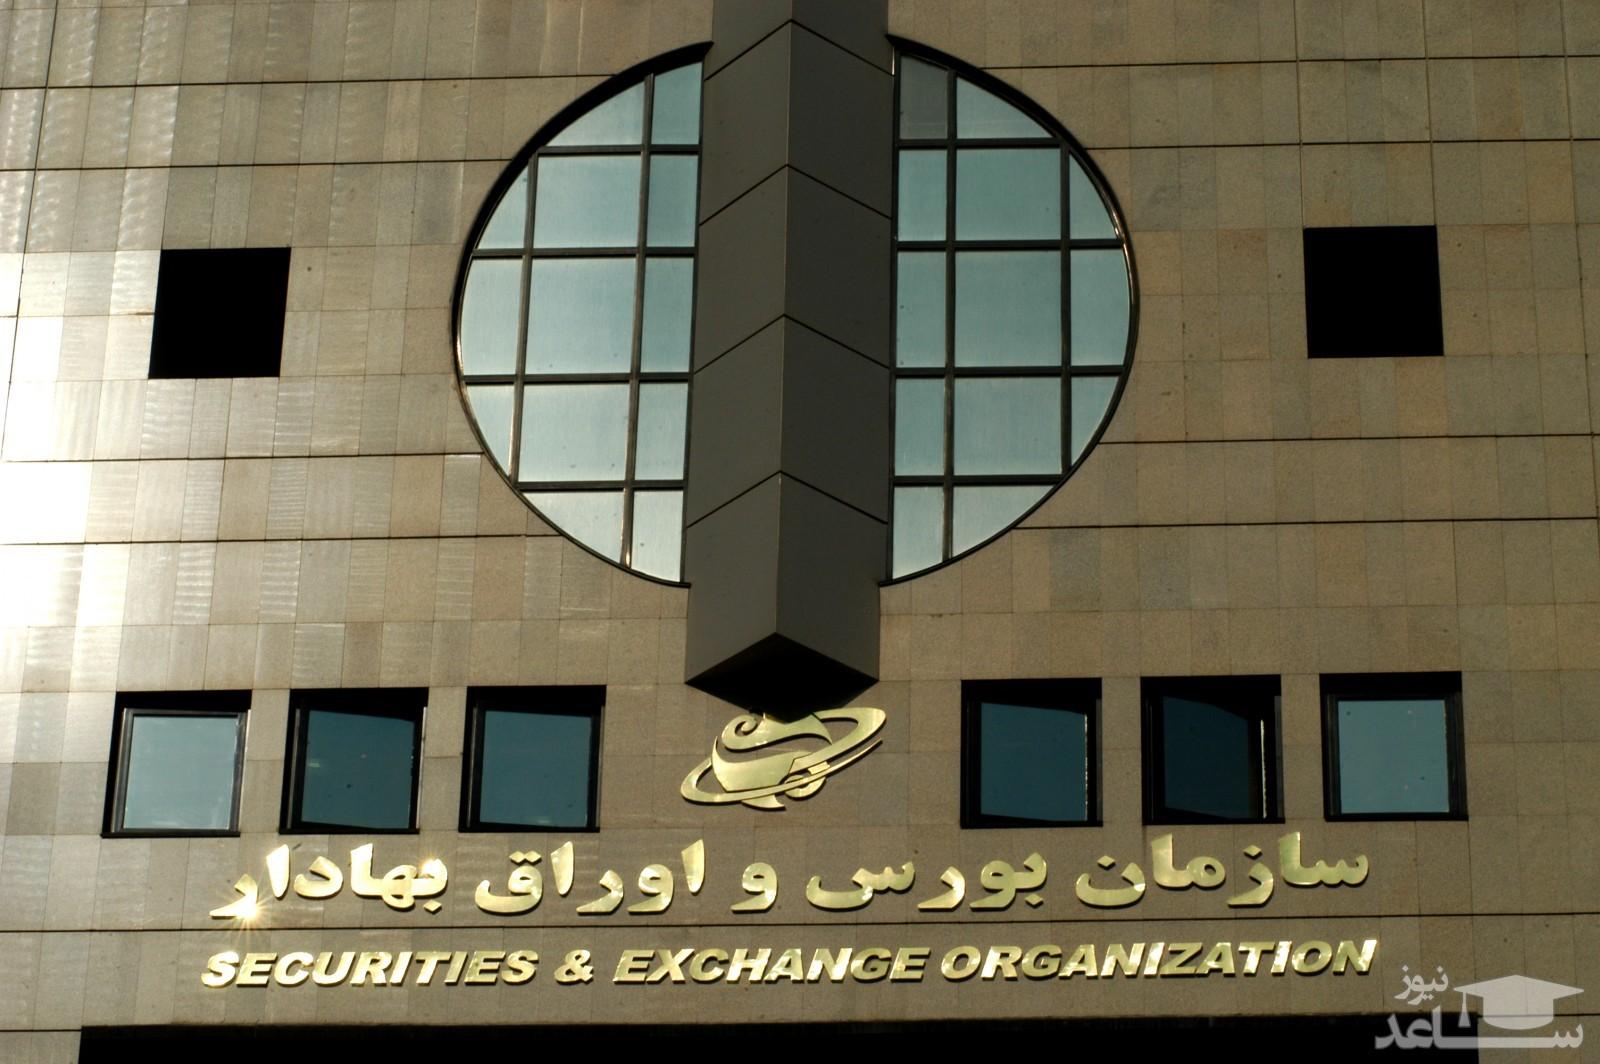 سازمان بورس به انتشار شایعات مبنی بر دستور وزیر اقتصاد واکنش نشان داد